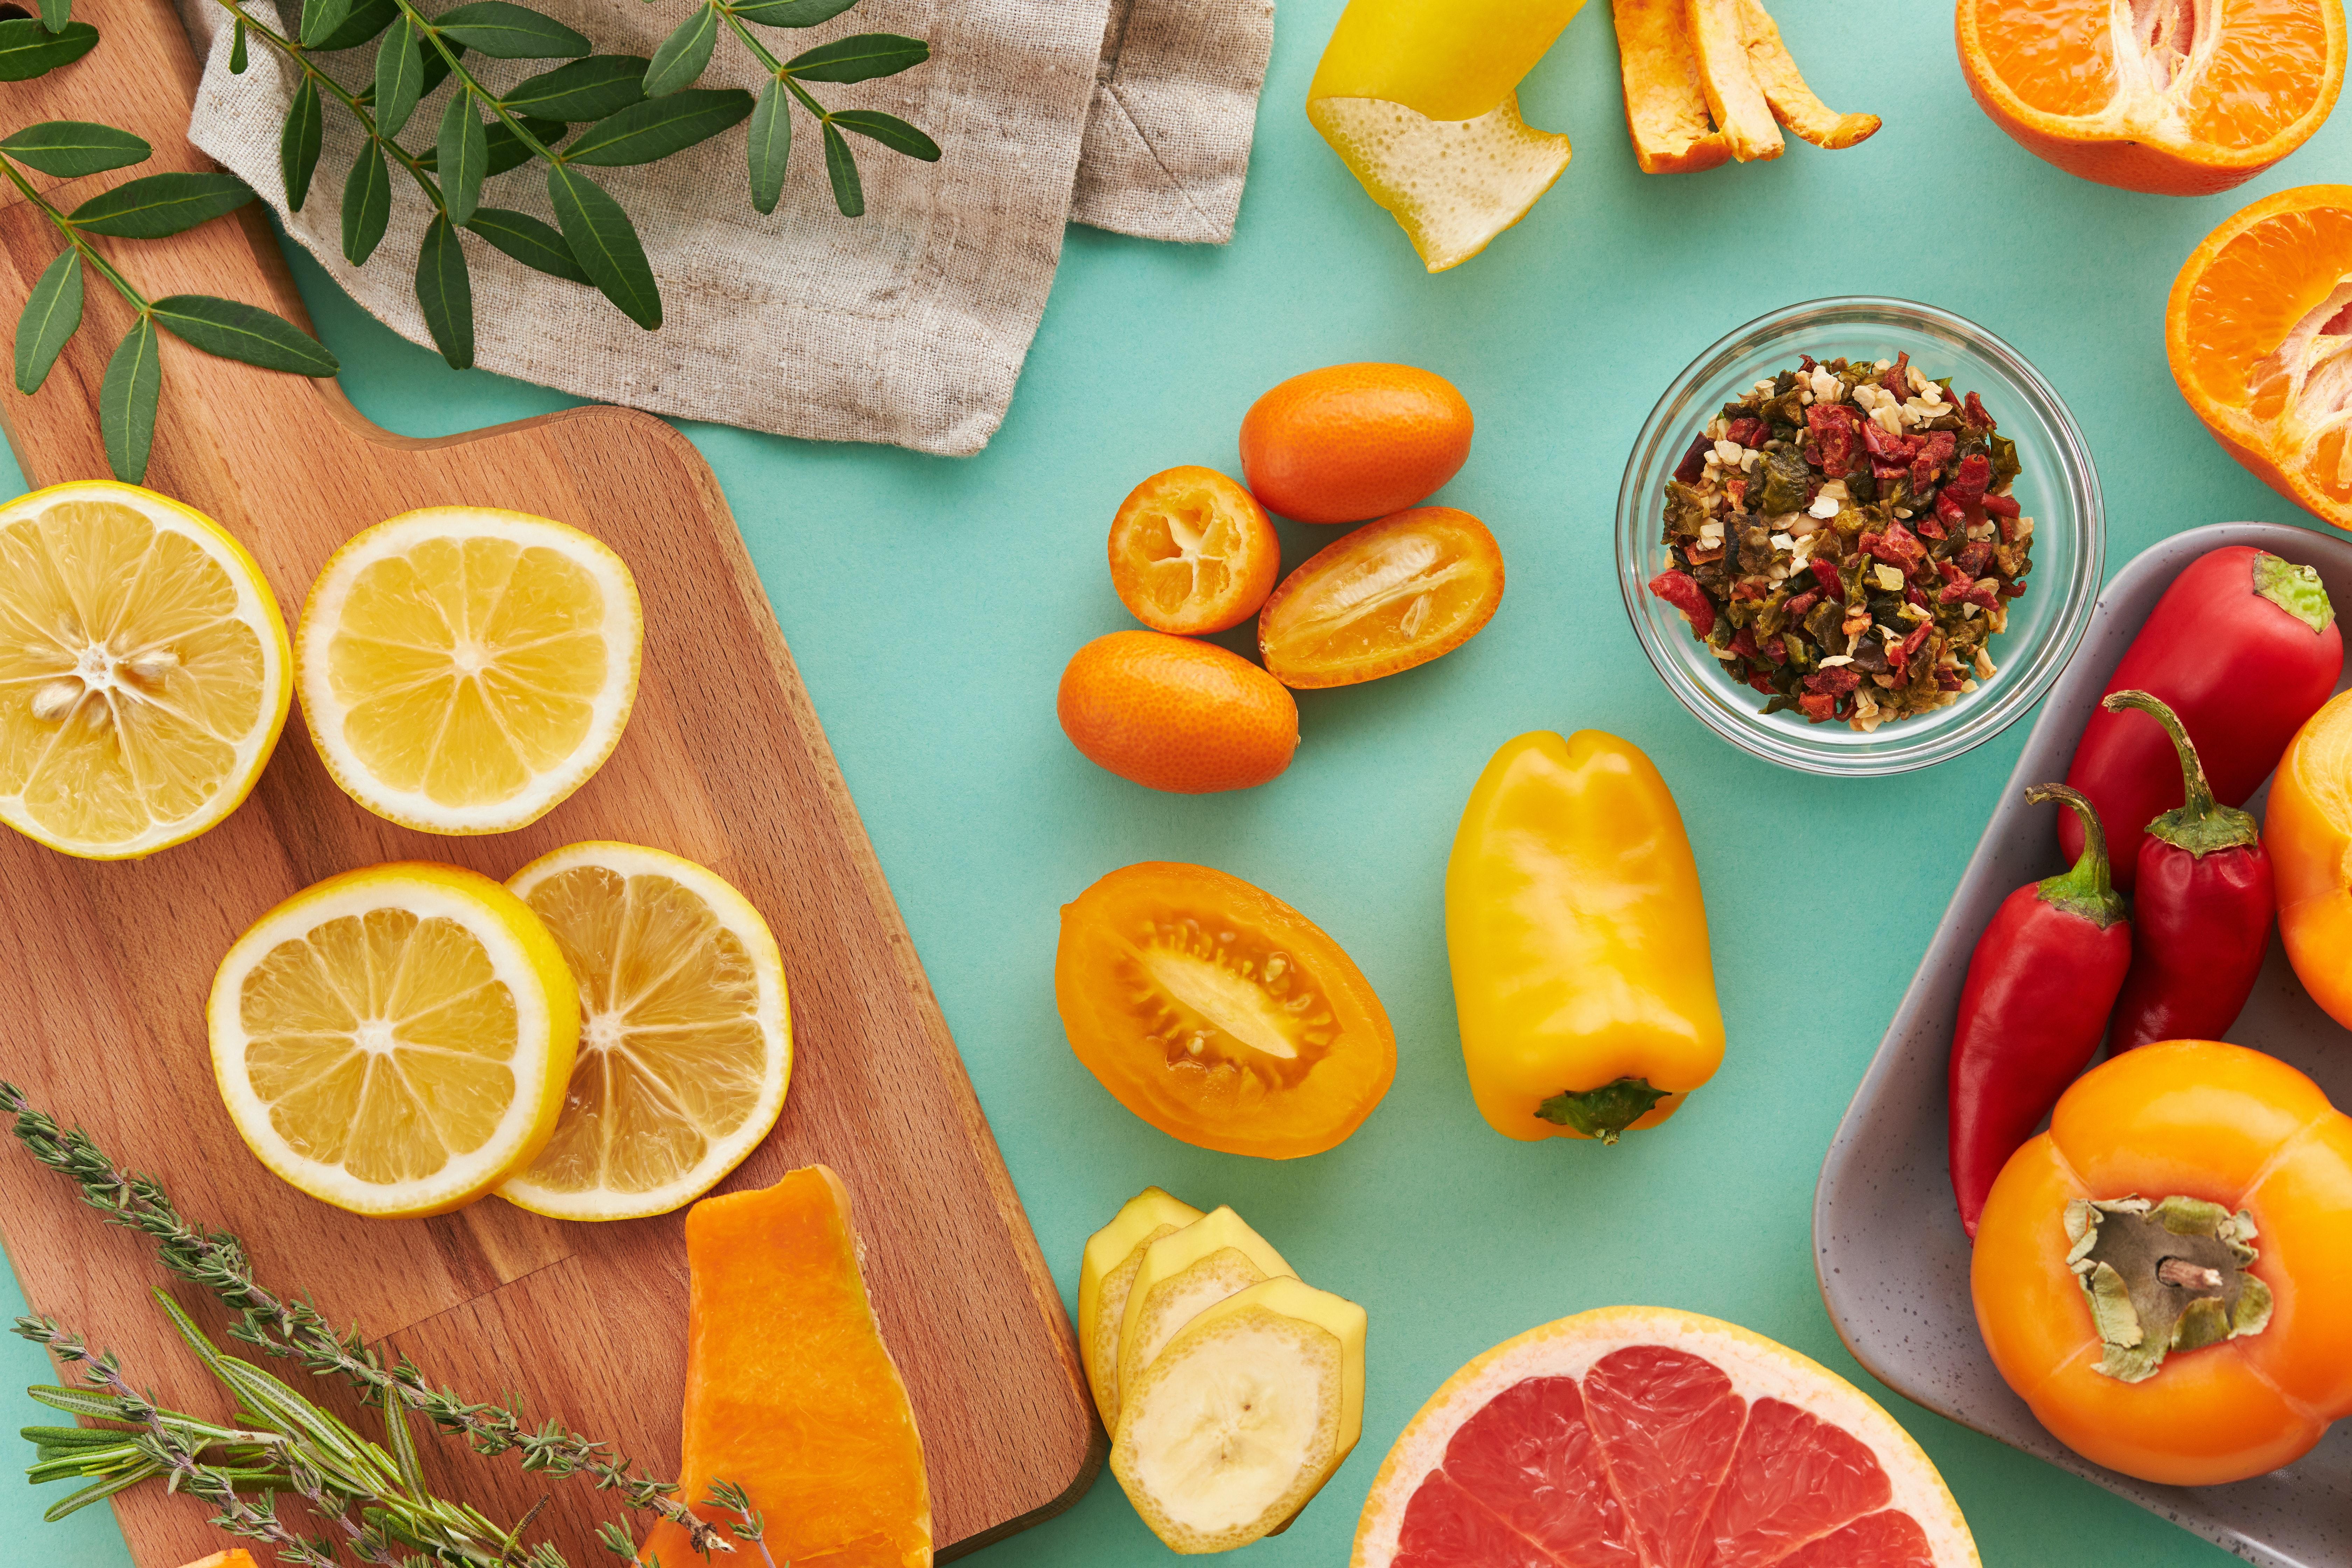 Se správnou stravou se dostanete na svoji původní váhu mnohem snadněji